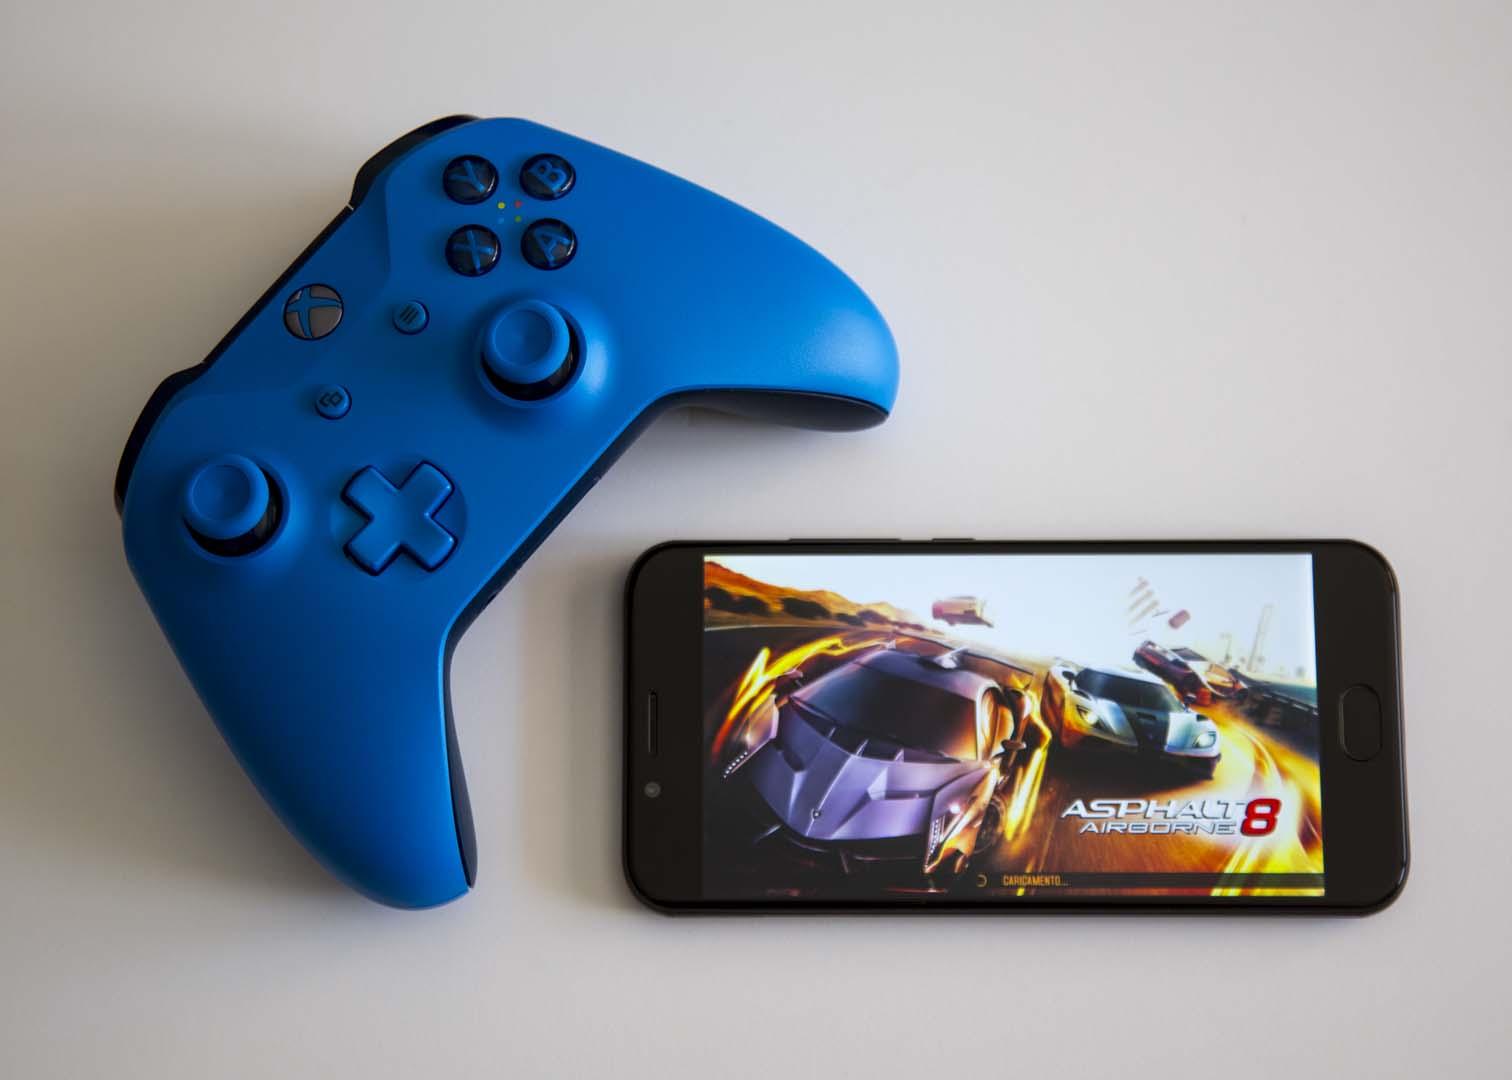 Presto sarai in grado di utilizzare un controller Xbox One per giocare ai giochi Android